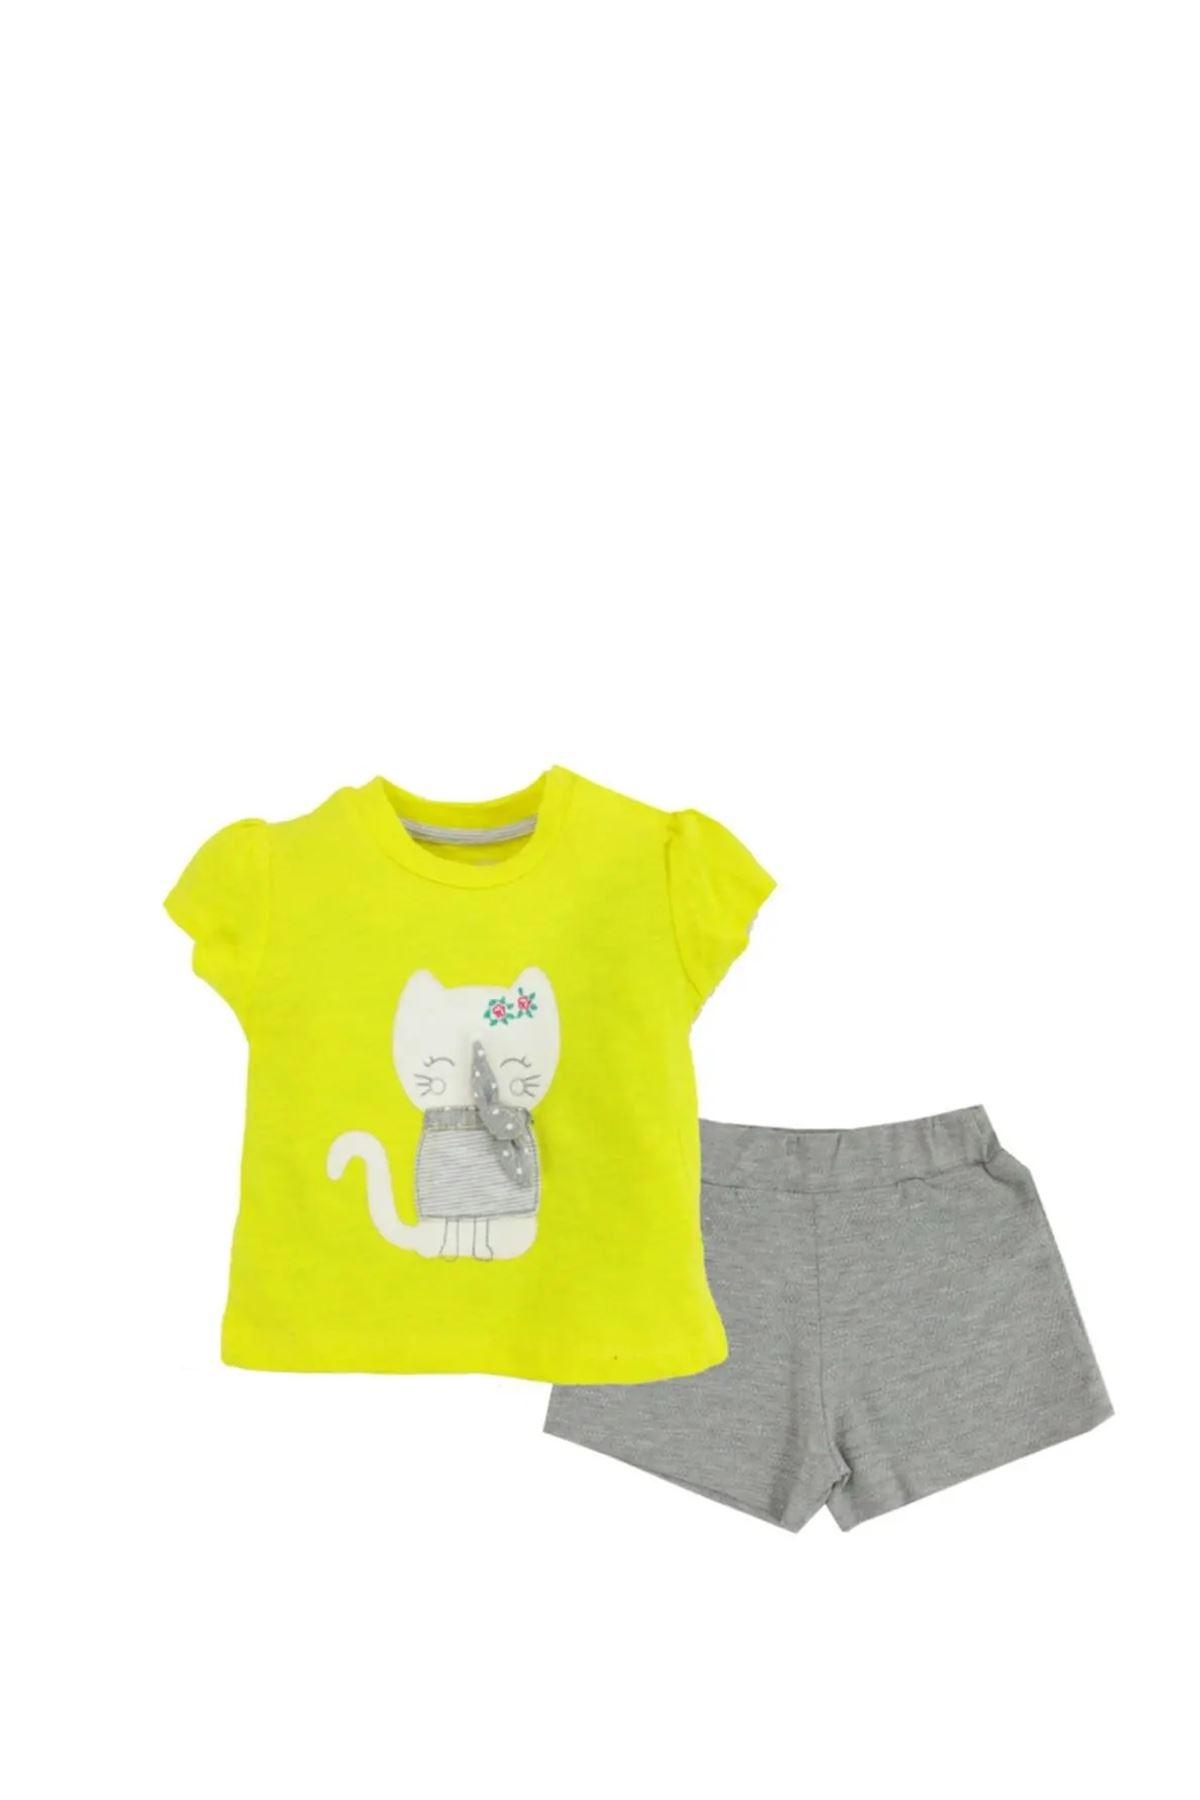 Tongs Baby, Şirin Kedicik Desenli, Şortlu 2' li Takım, 2554T Sarı